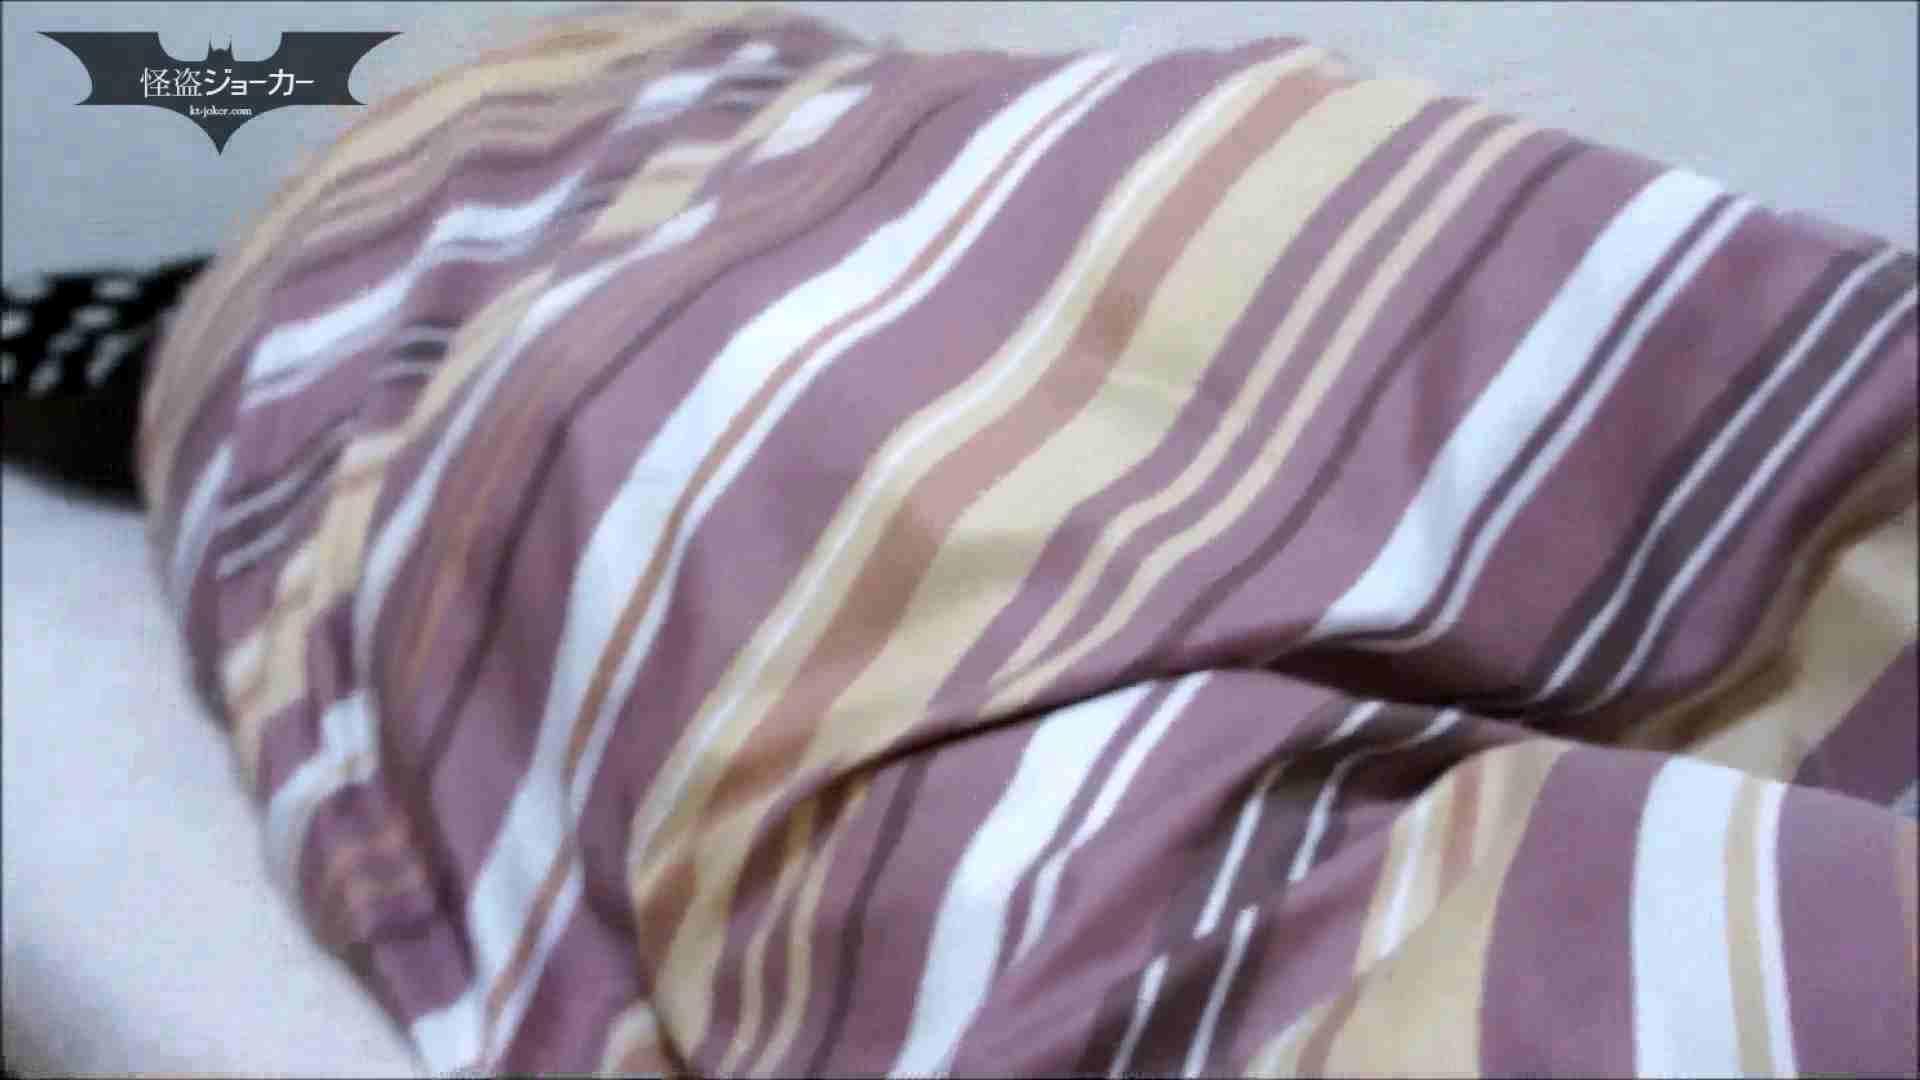 無修正ヌード|【未公開】vol.70【小春】レイカが目民る横で、、、親友の小春ちゃんをおかして。|怪盗ジョーカー